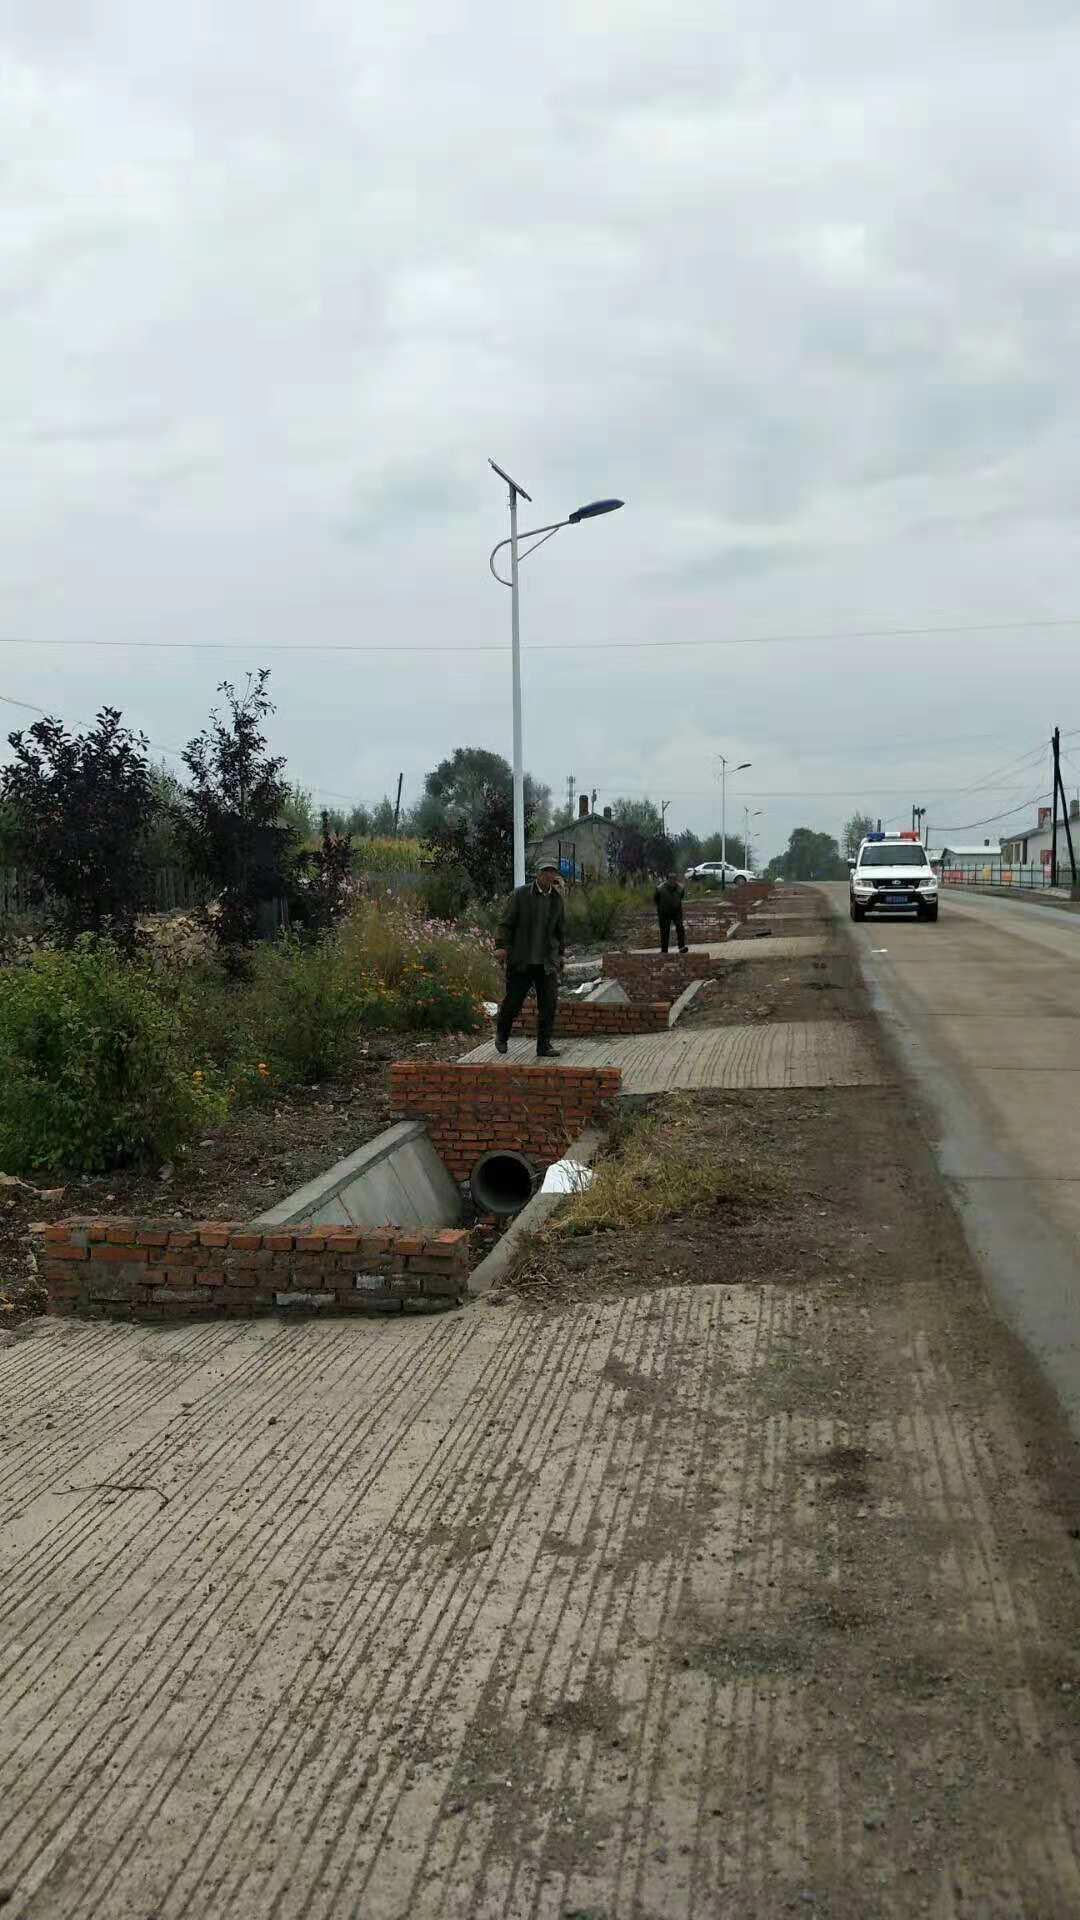 吉林省榆樹市太陽能路燈項目